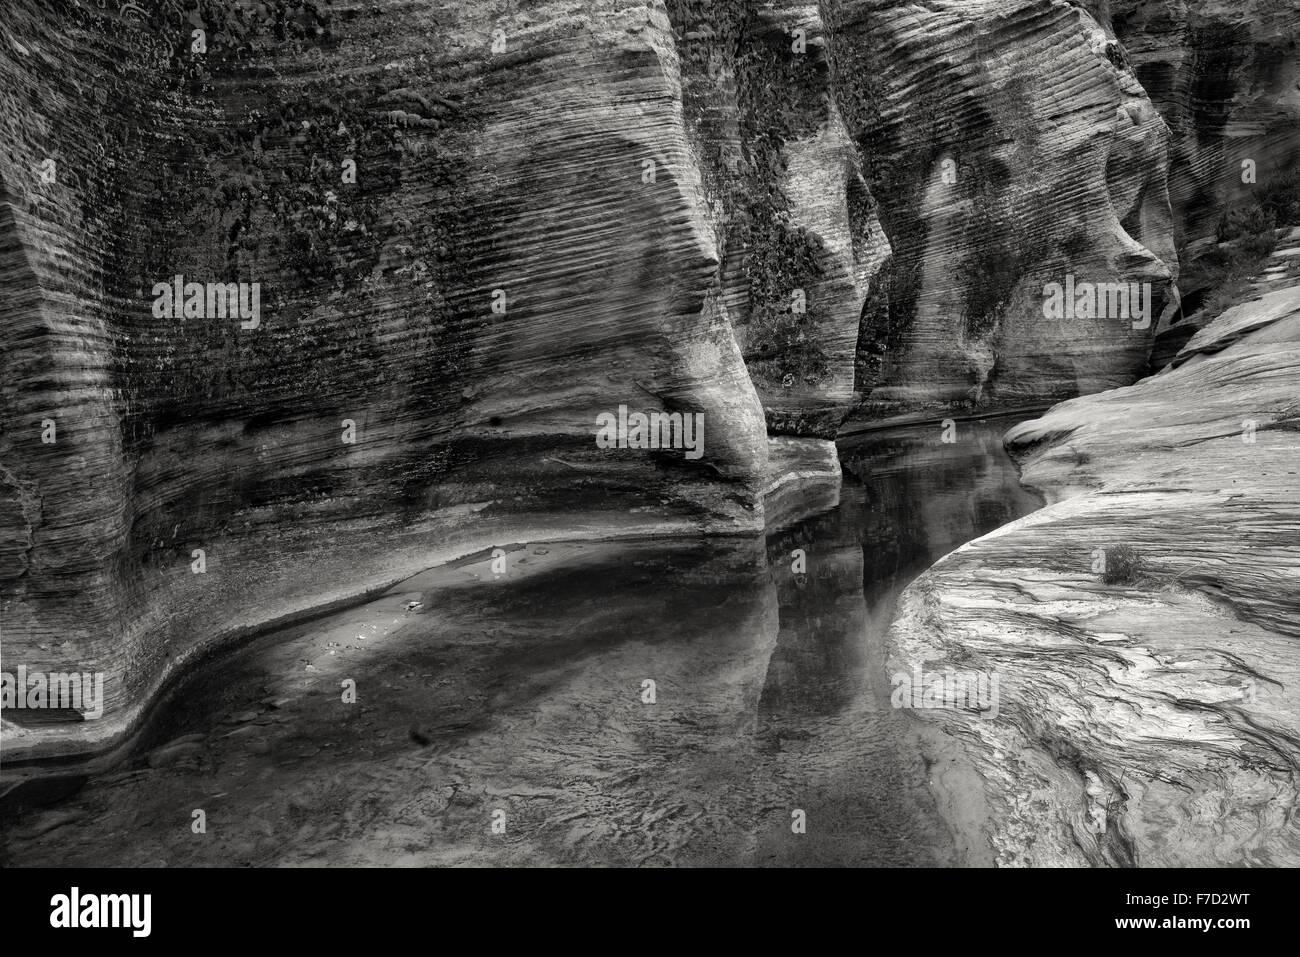 Flusso stagionale letto con acqua e riflessione. Parco Nazionale di Zion, UT Immagini Stock